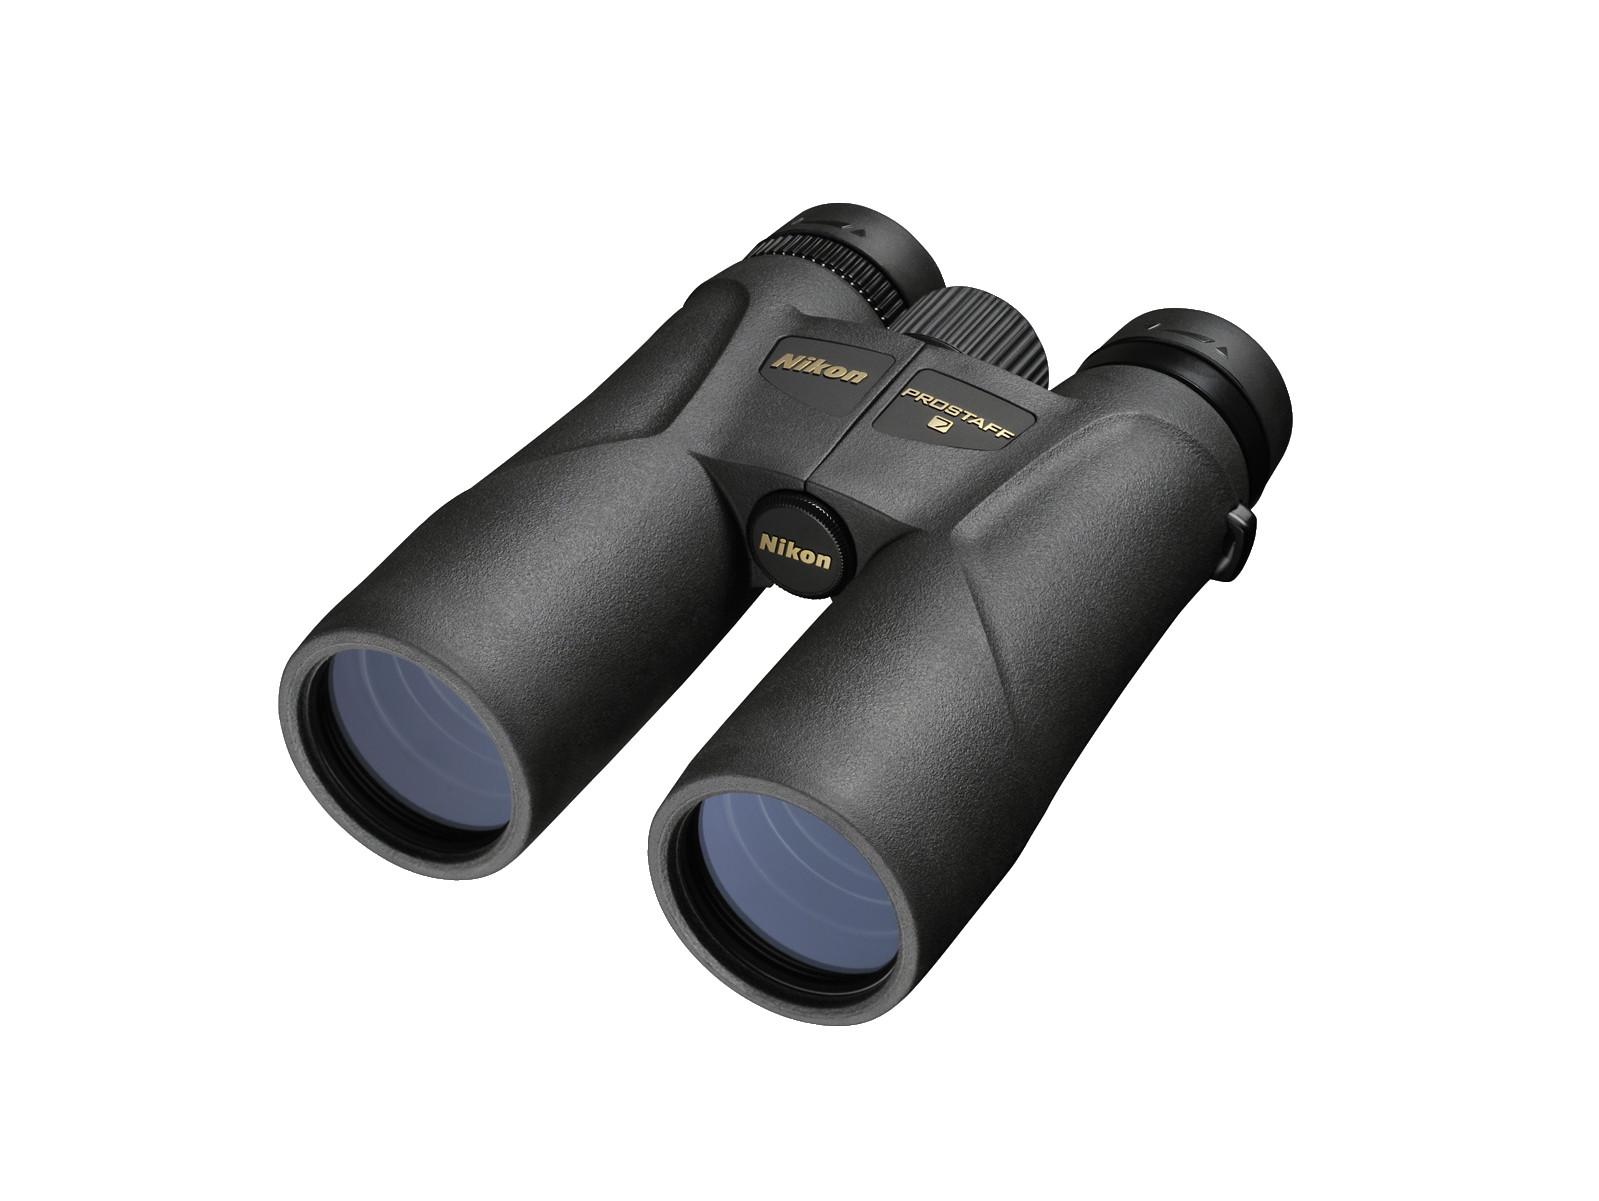 Prostaff 7s 10X42 雙筒望遠鏡 雙筒望遠鏡/單眼鏡-登山賞鳥